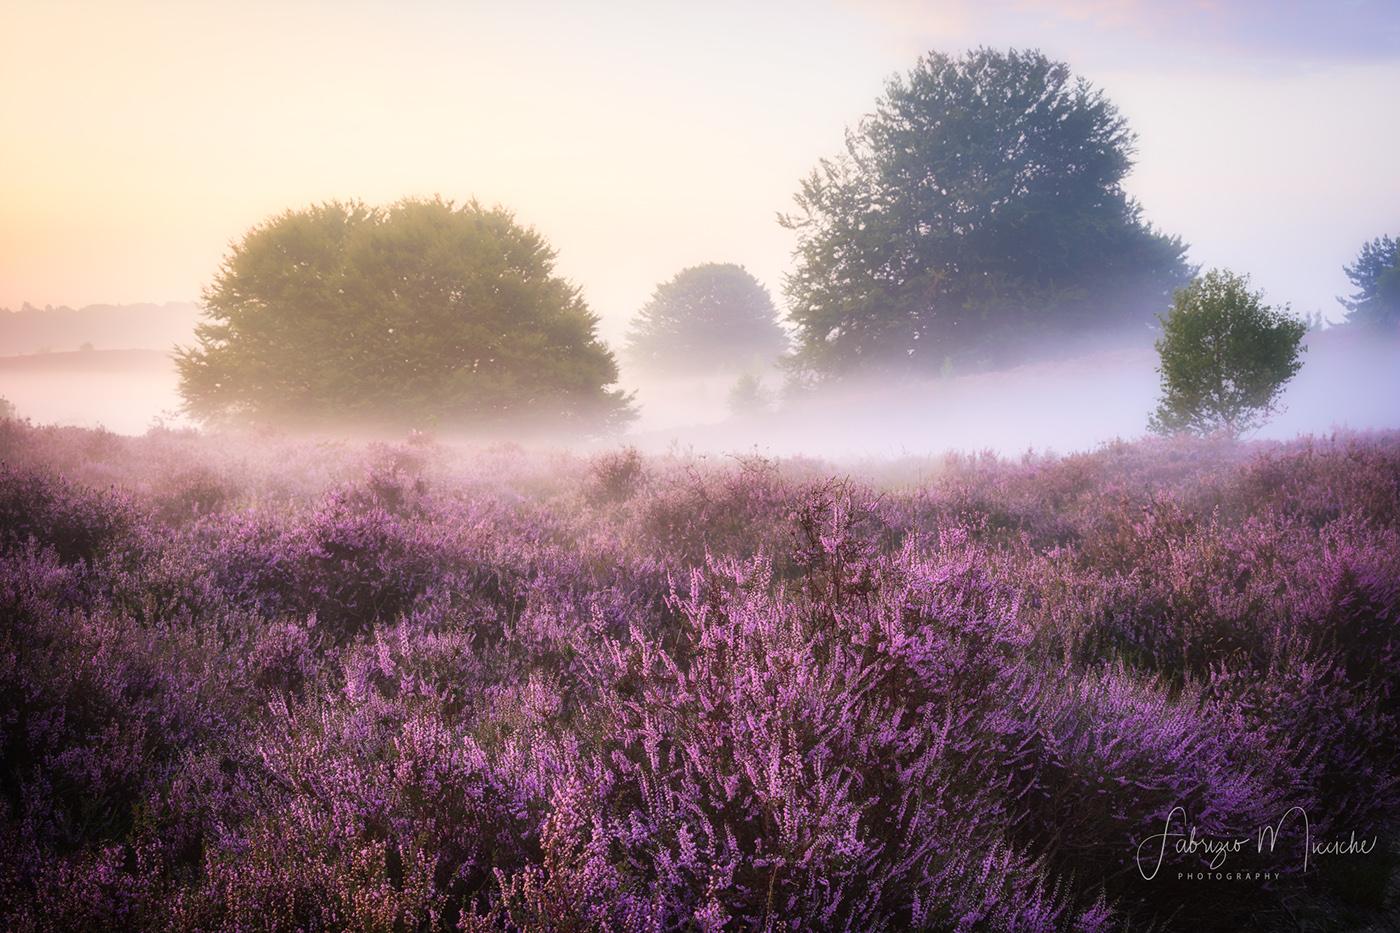 Walking through the purple hills / фото Fabrizio Micciche